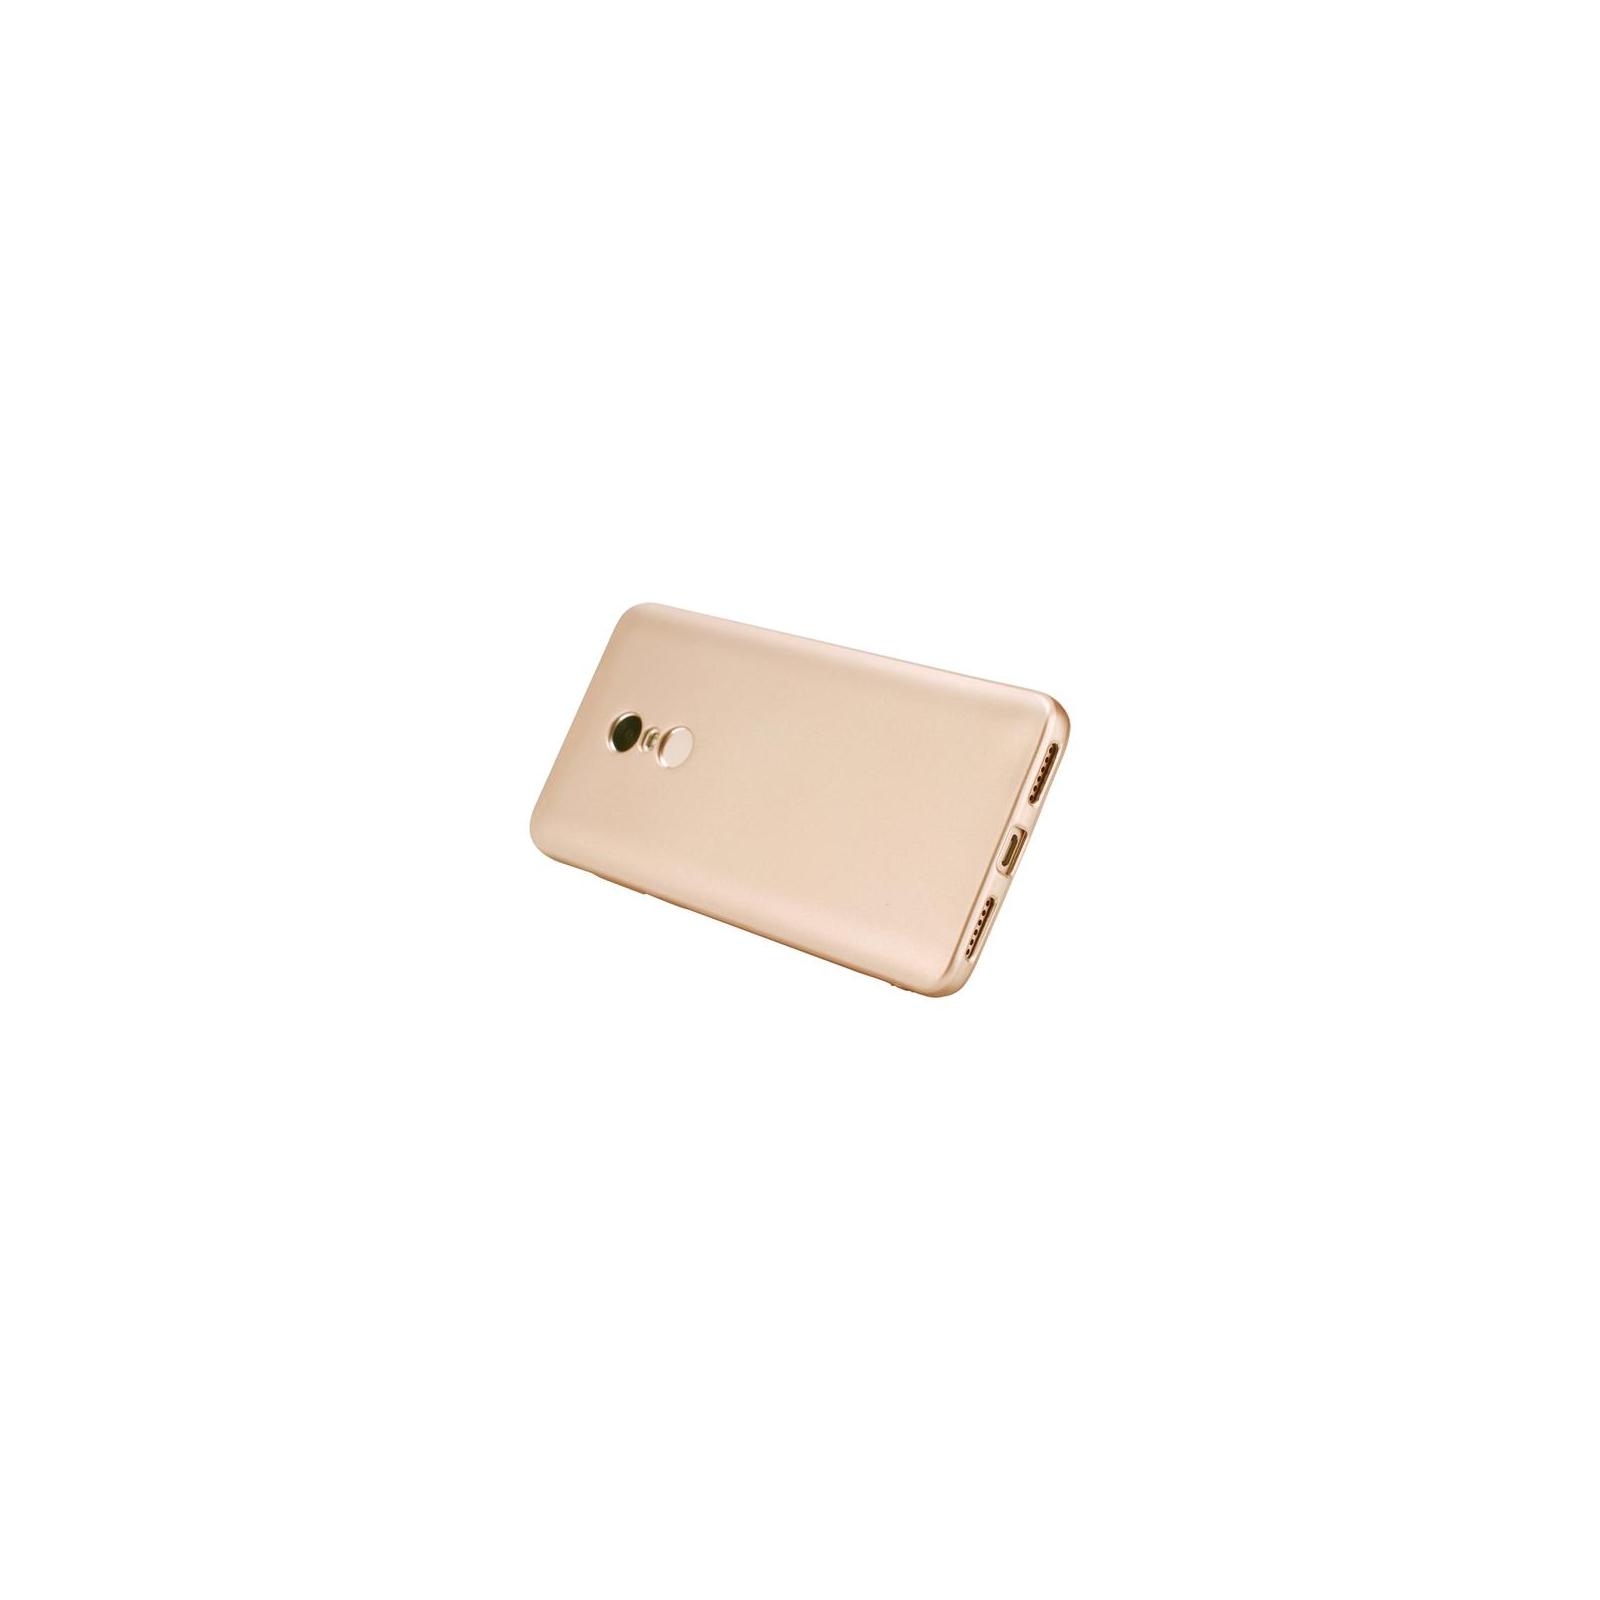 Чехол для моб. телефона T-Phox для XIAOMI REDMI NOTE 4 - SHINY (GOLD) (6361816) изображение 5